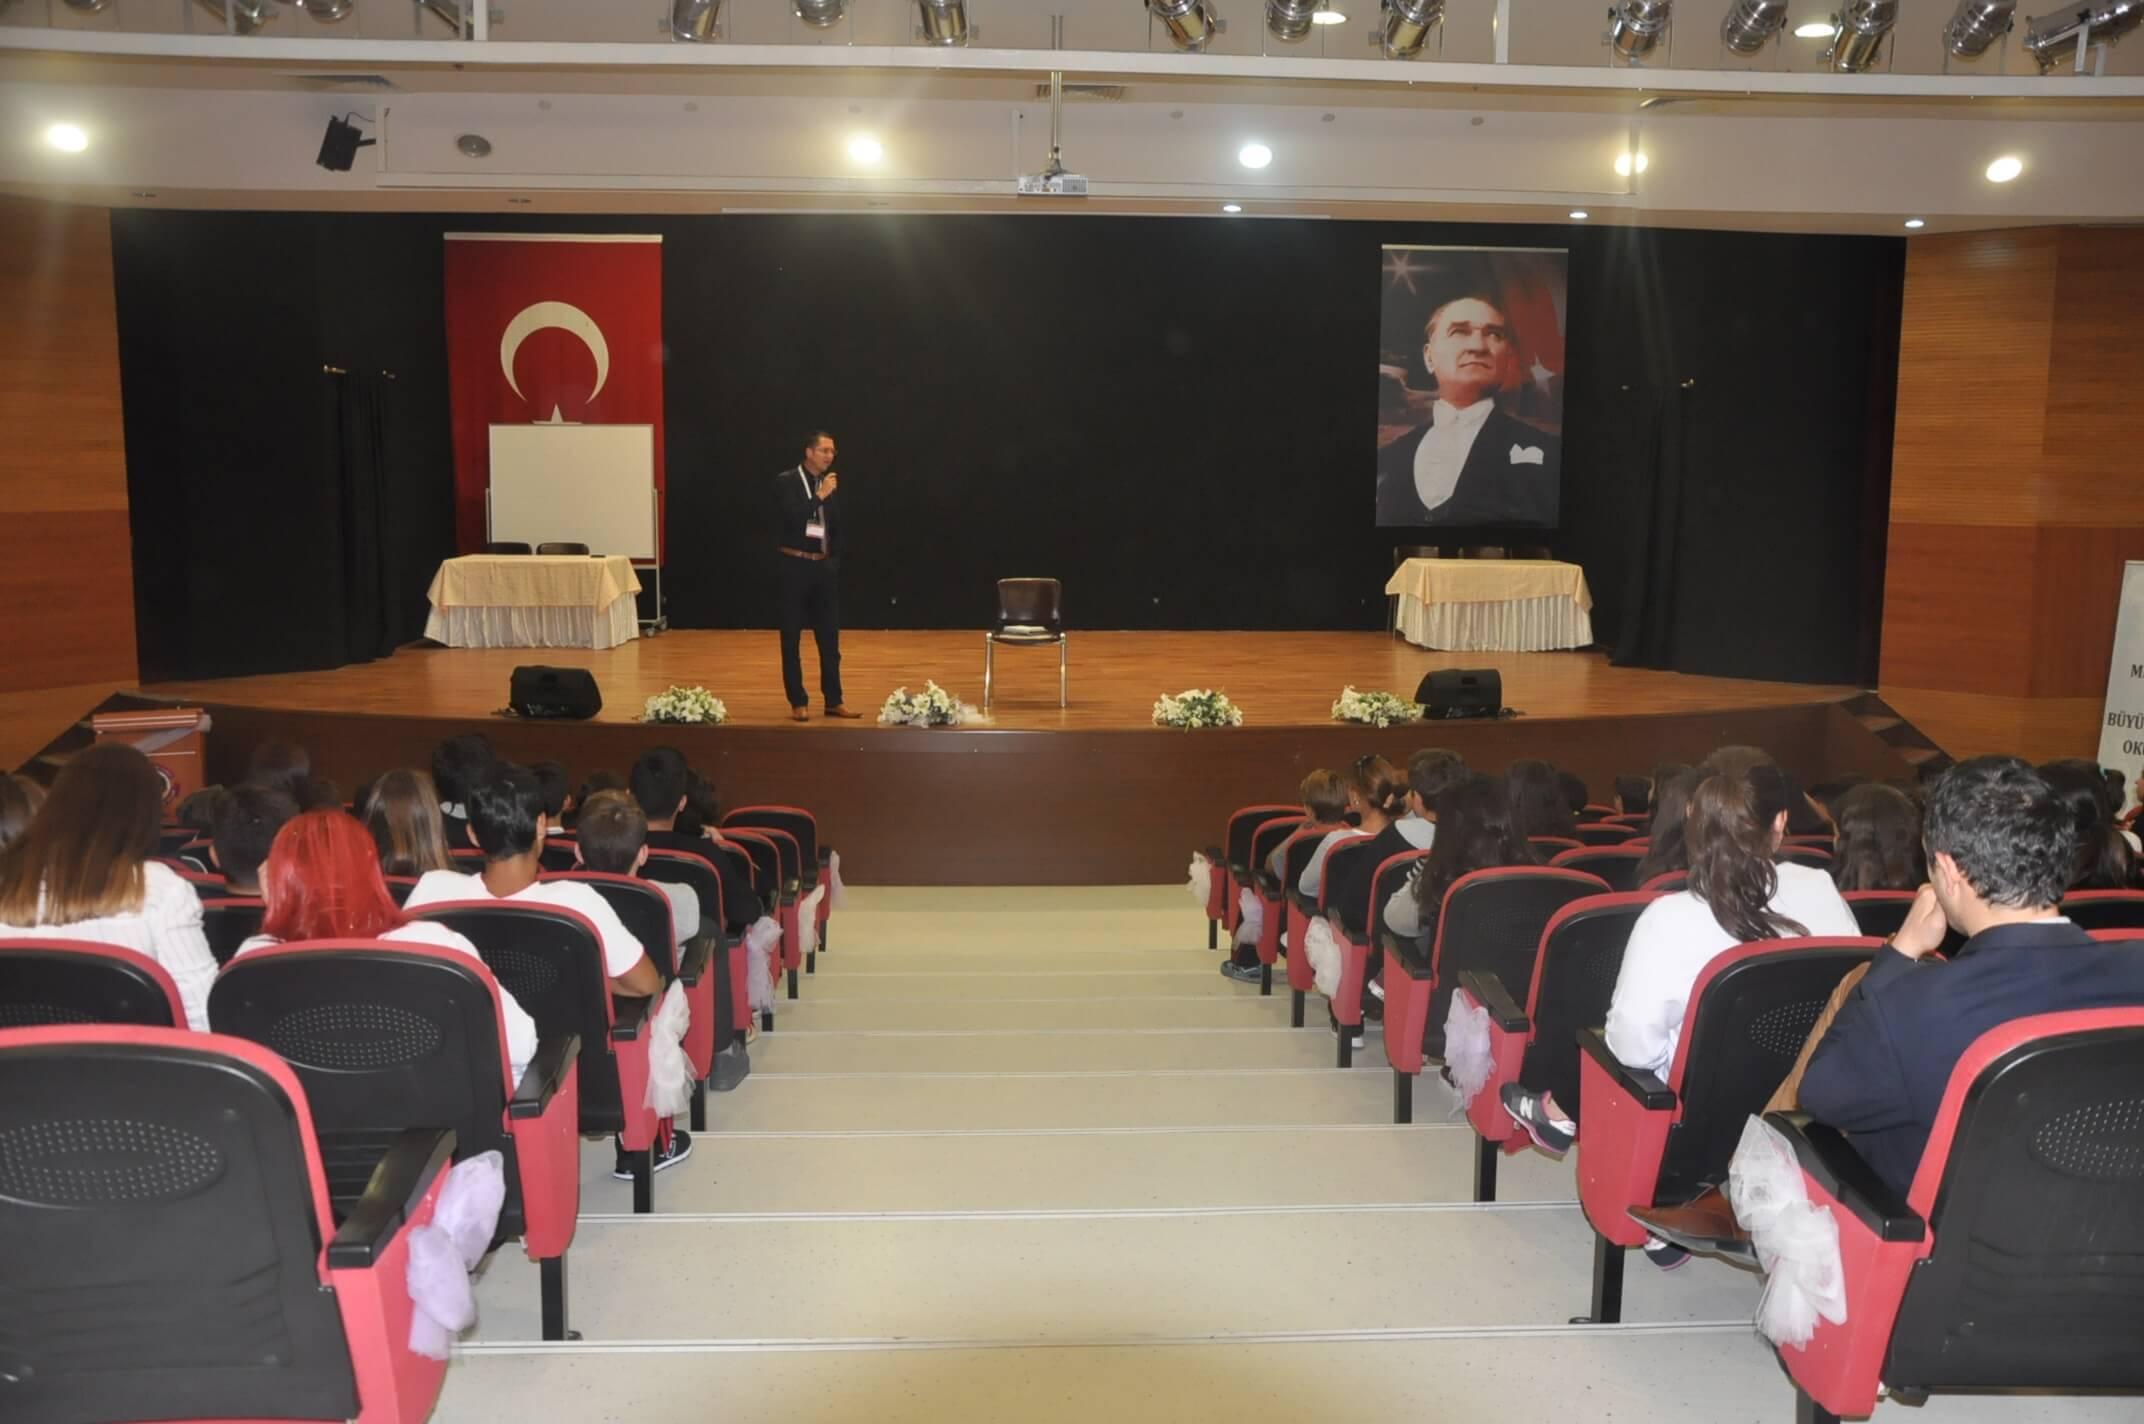 Ödül ve Disiplin Kurulu Anadolu Lisesi-Fen Lisesi İşleyişi Hakkında Bilgilendirme Toplantısı Gerçekleştirdi